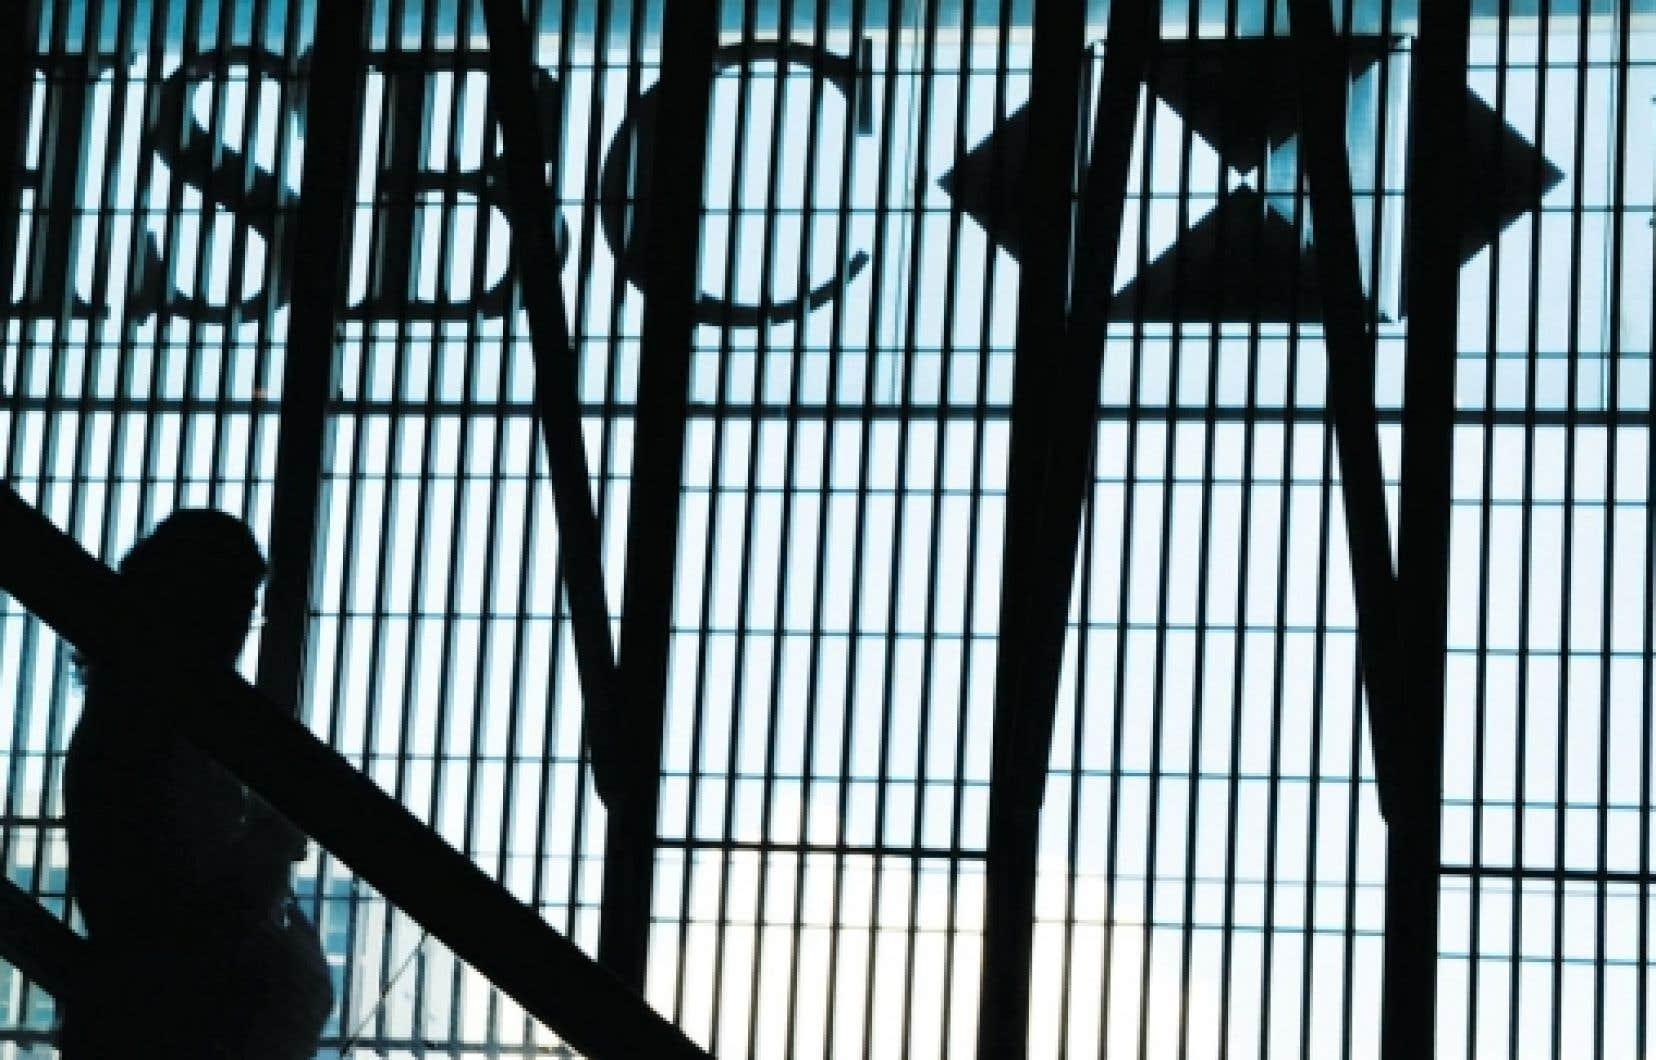 <div> La Banque HSBC est présente dans 80 pays. Aux États-Unis, sa division gère un actif de 210 milliards, ce qui la classe parmi les dix plus grosses banques dans ce pays.</div>